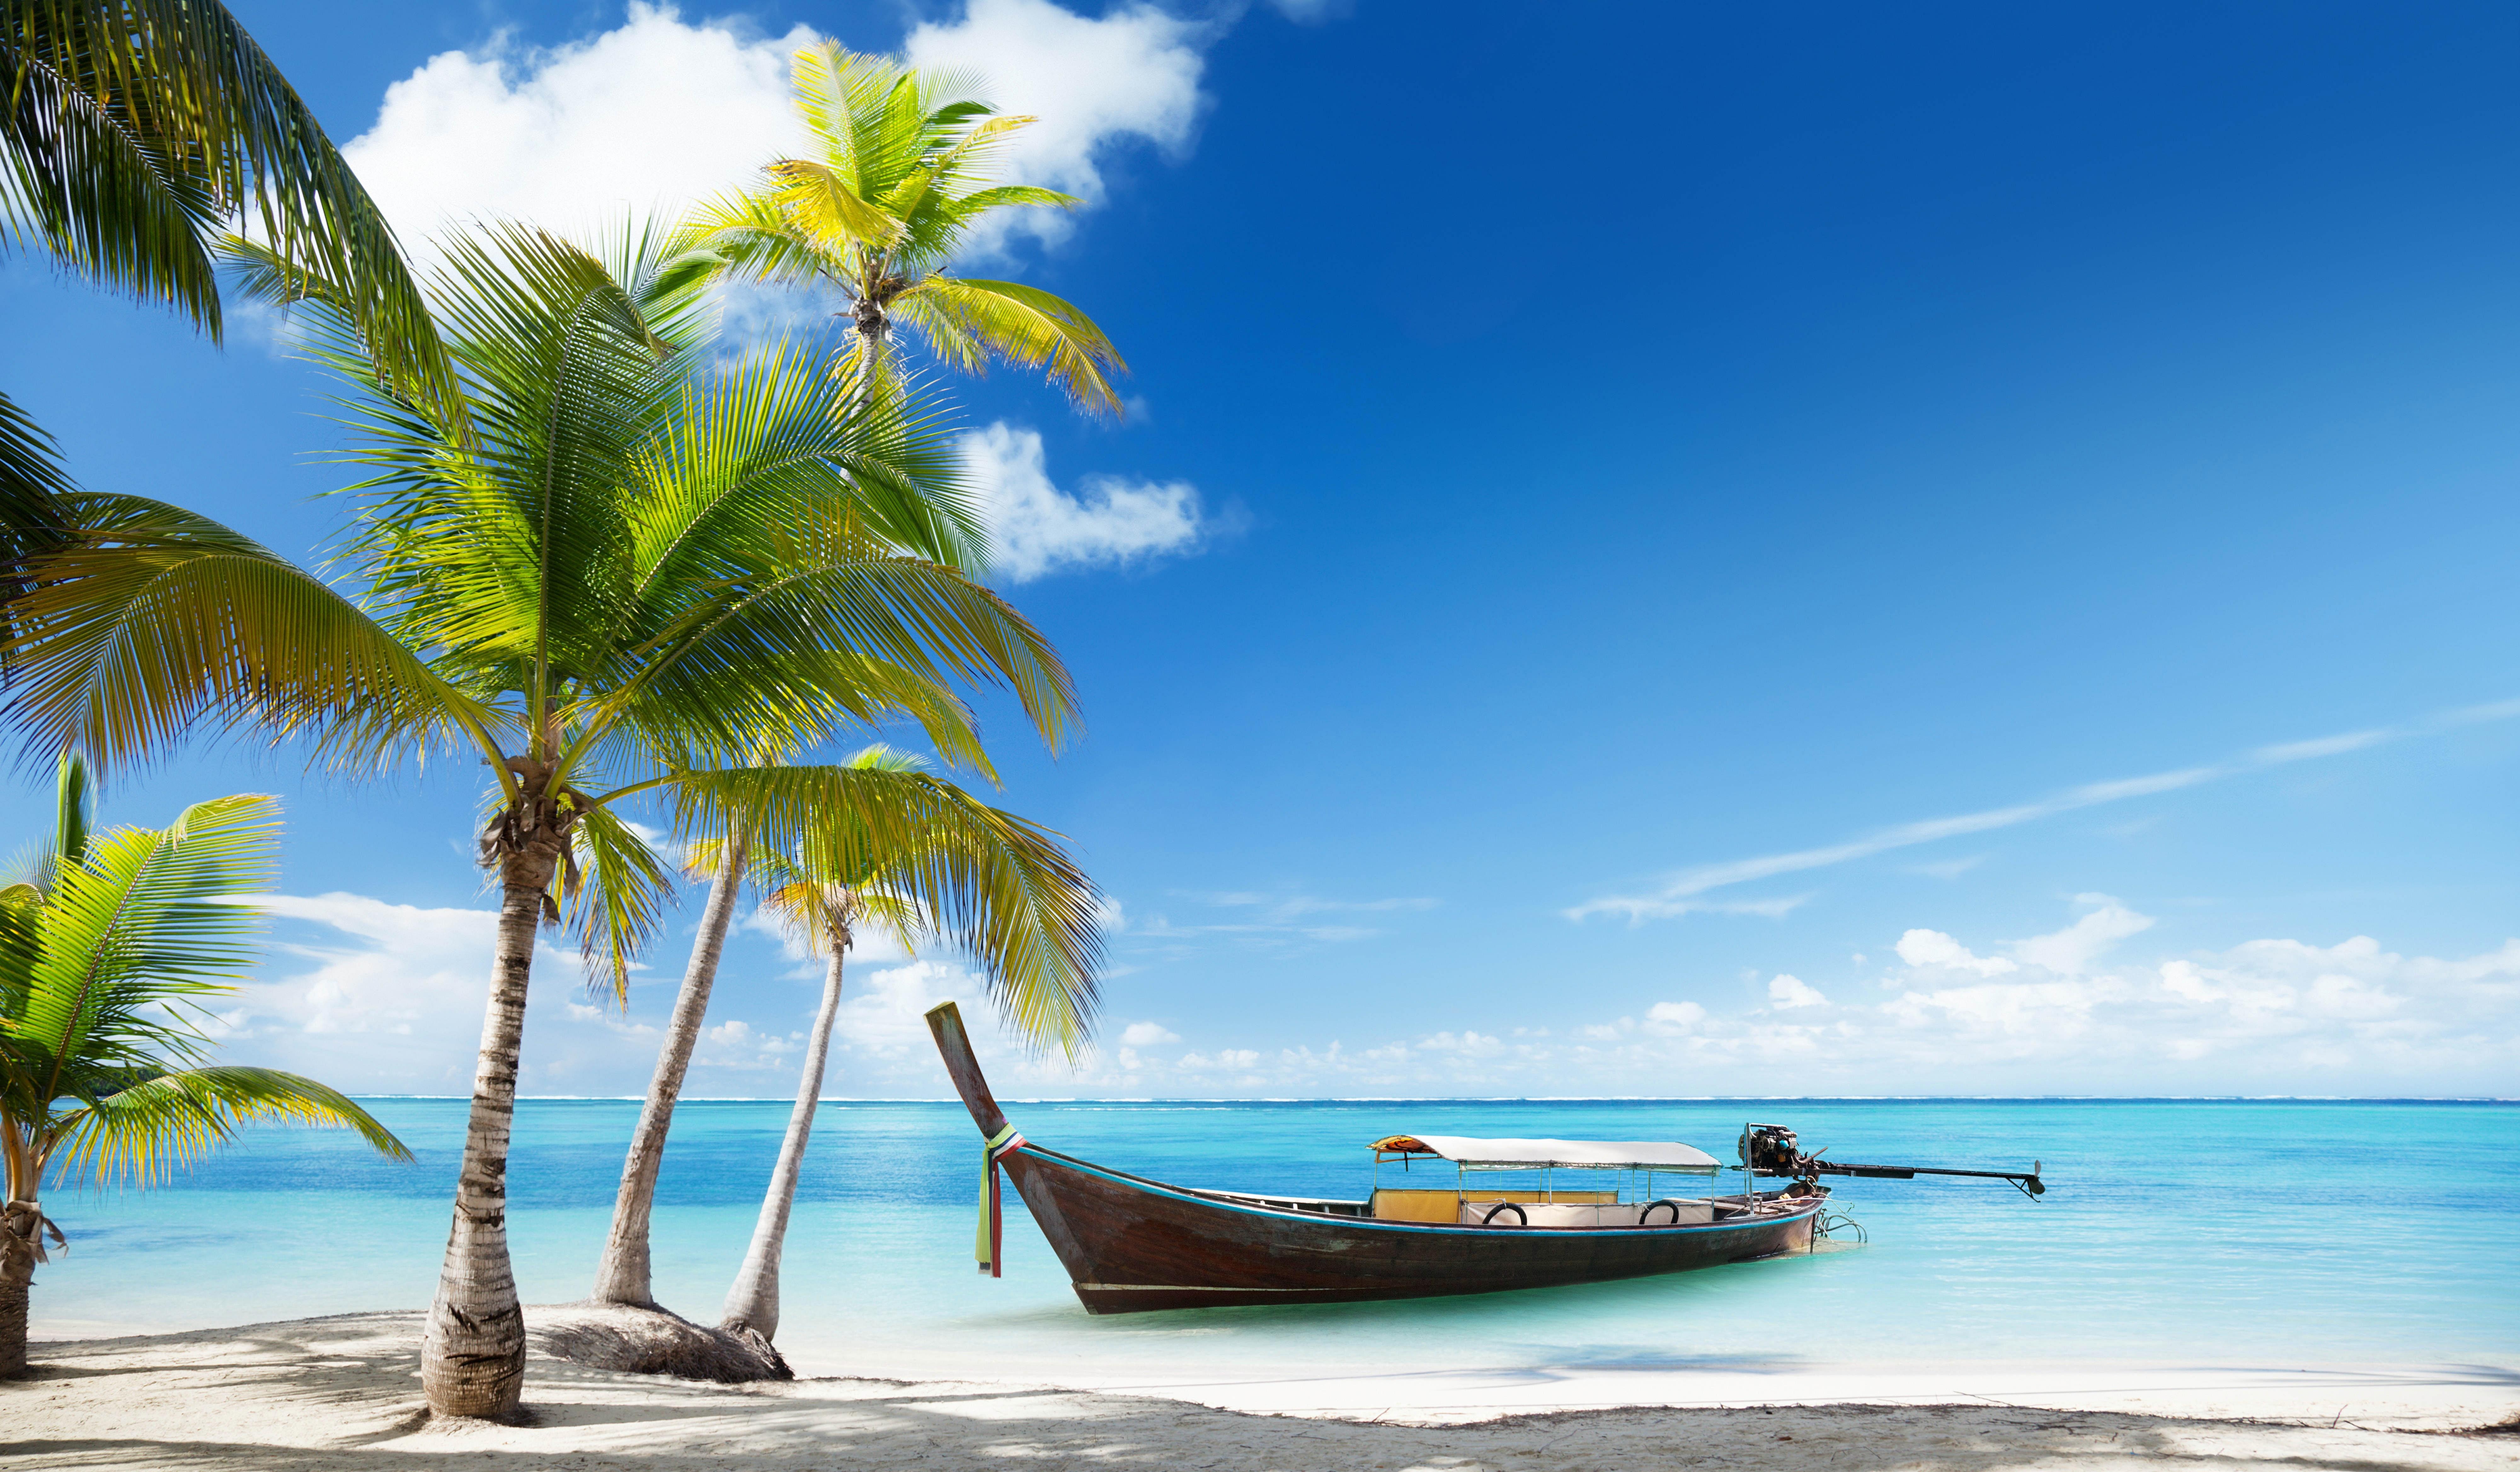 Бухта и пляж бесплатно